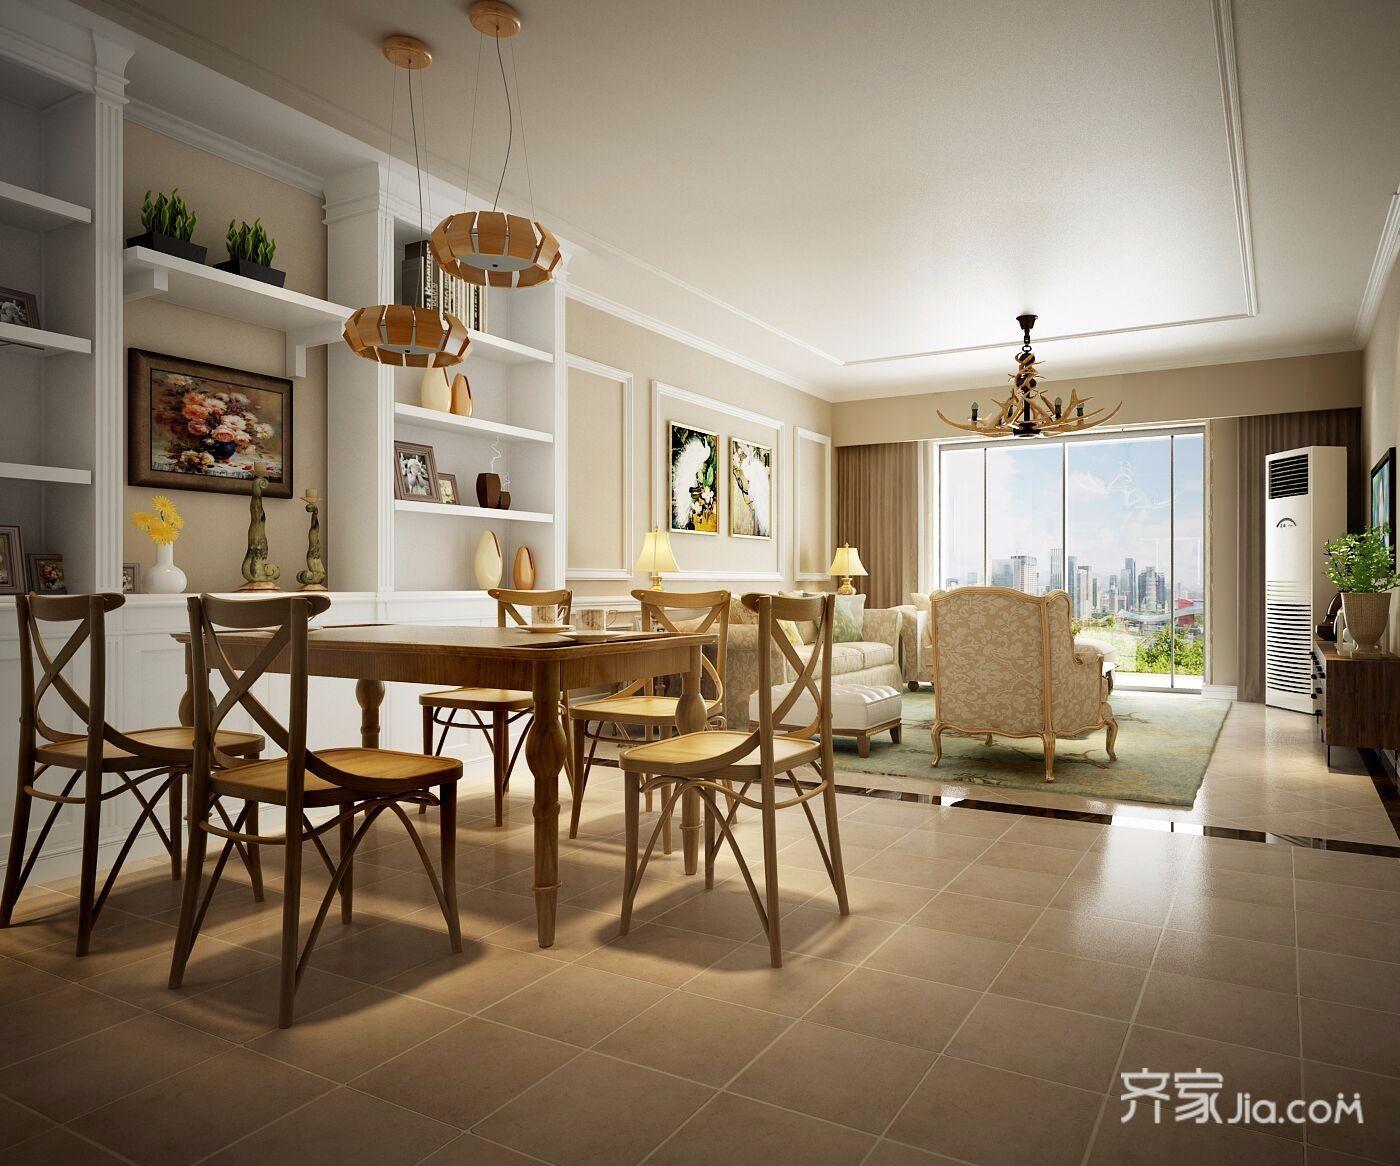 温馨美式三居餐厅装修效果图